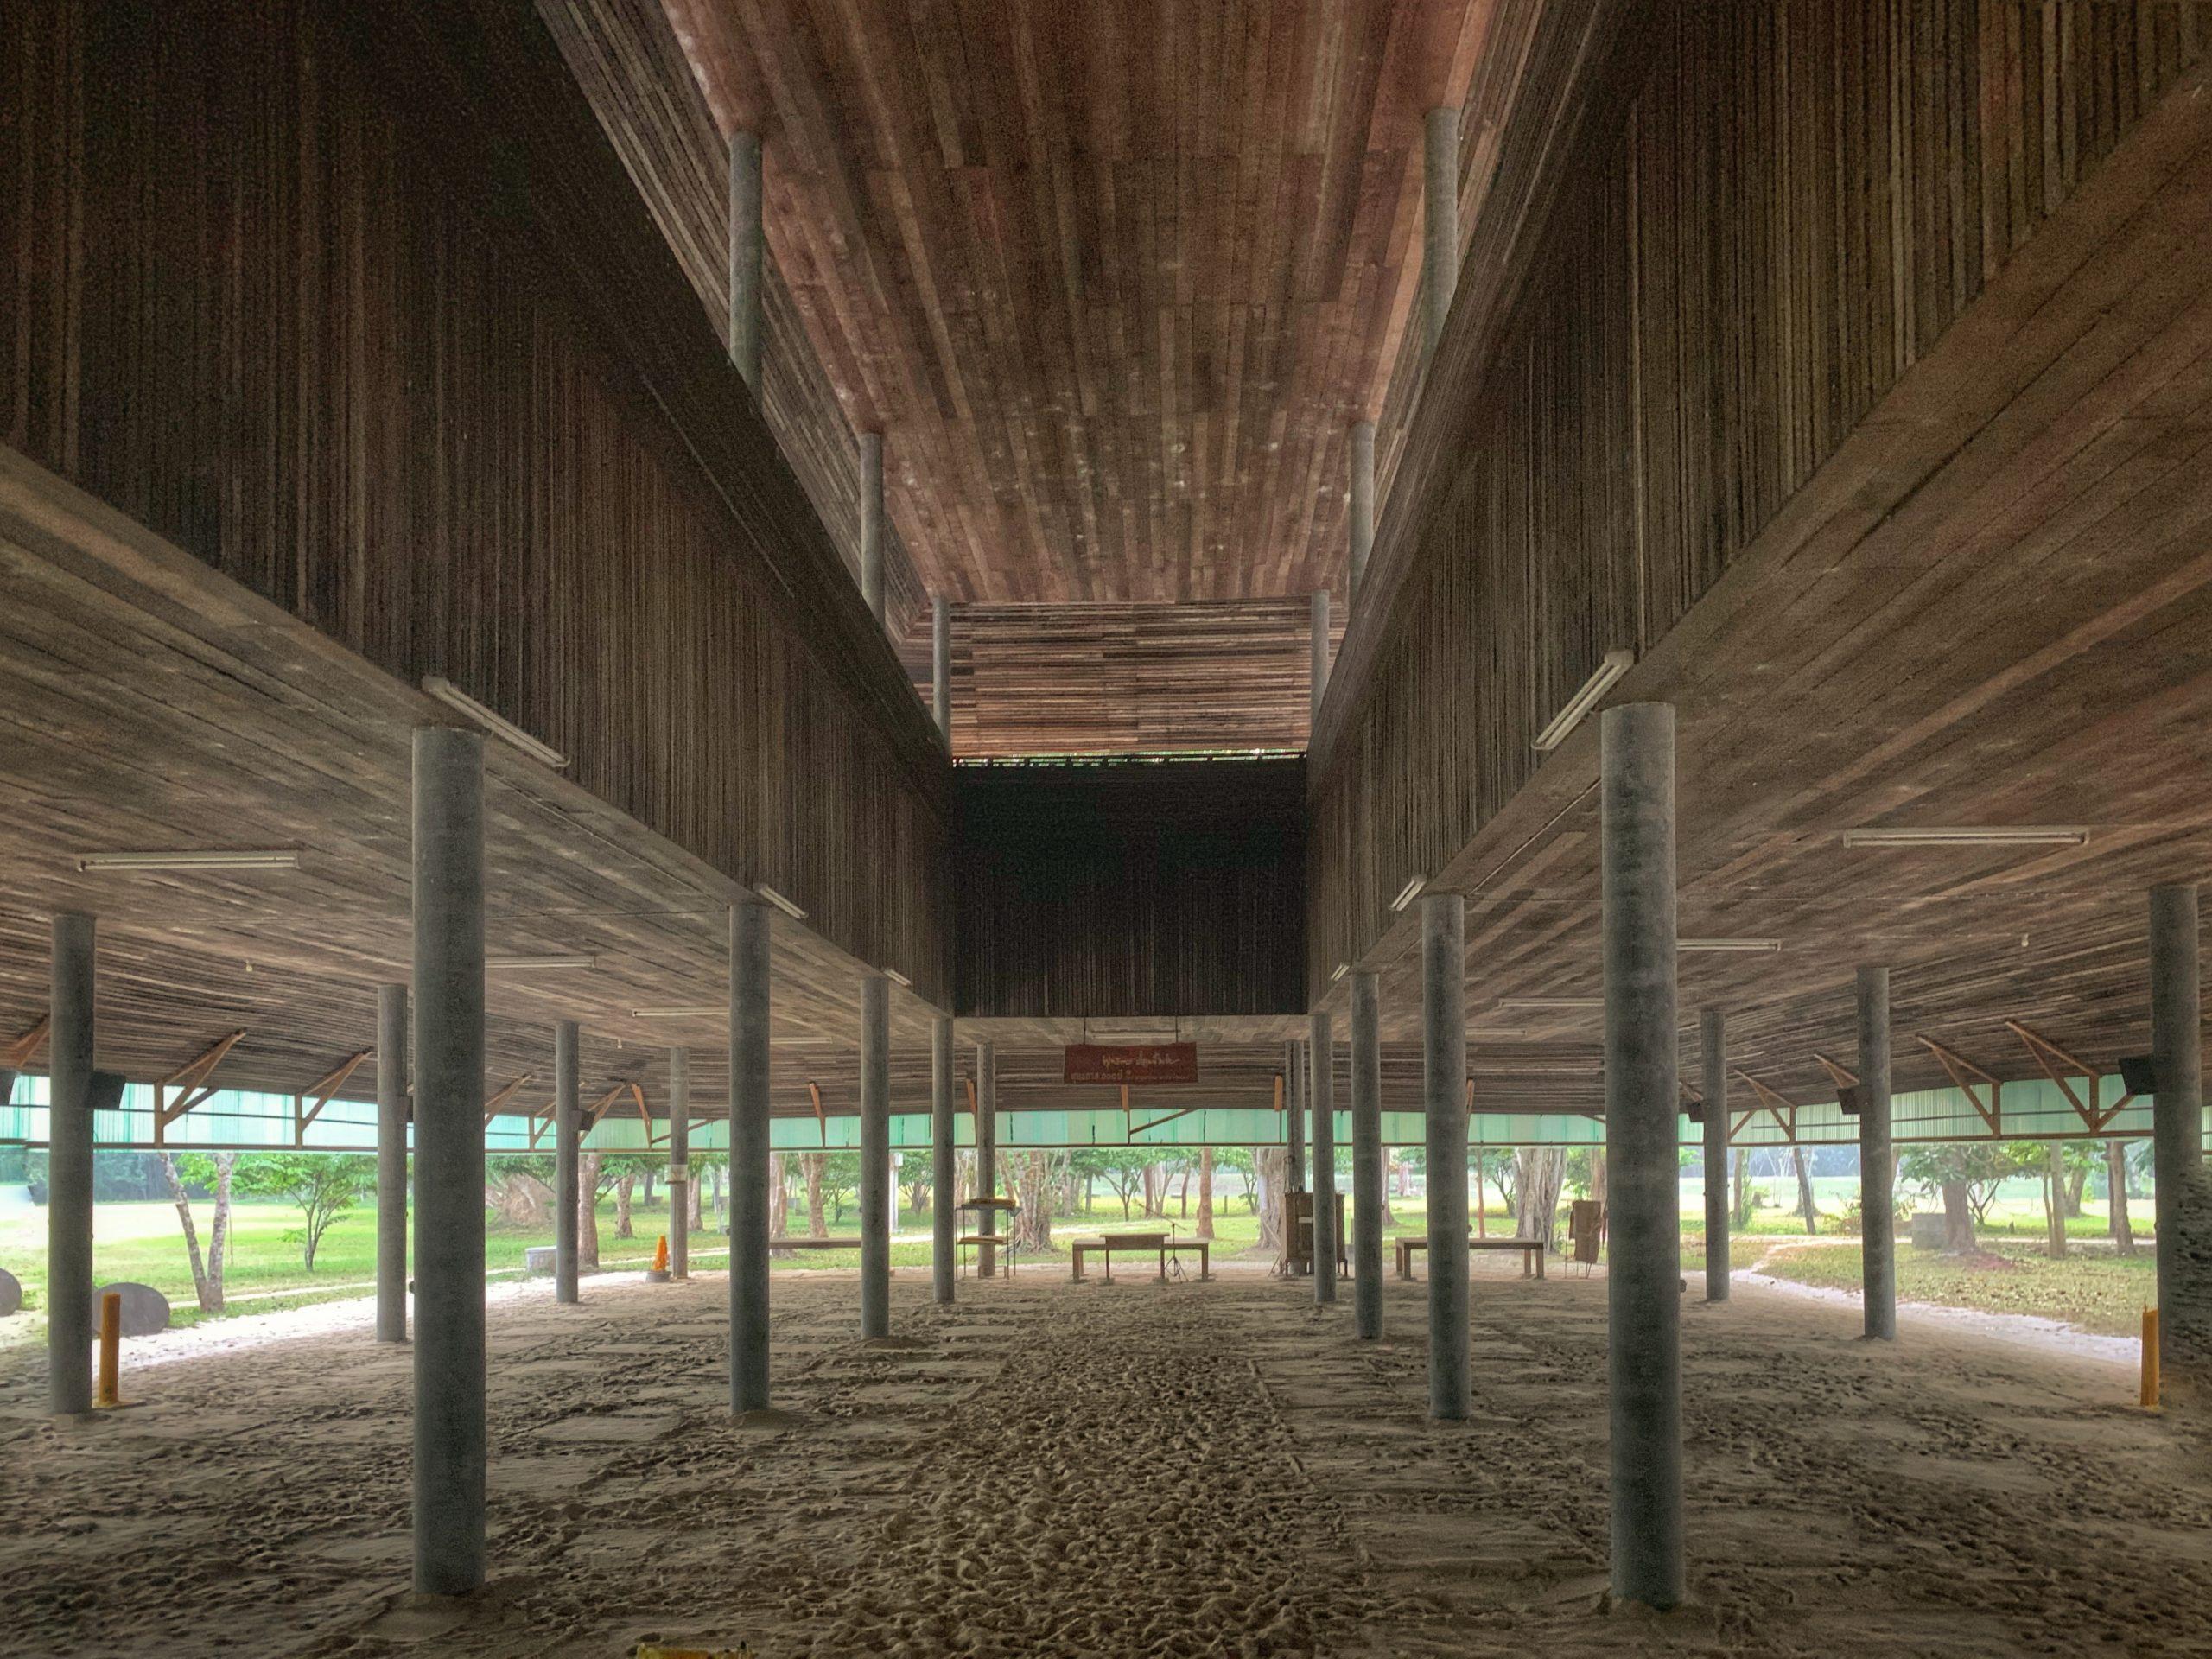 Meditation hall no 5